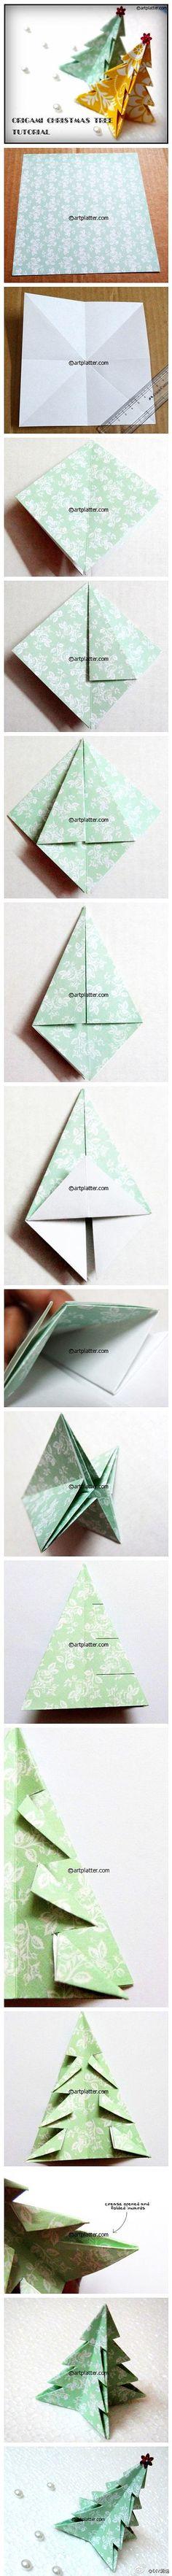 Maak een origami kerstboom met deze instructies...